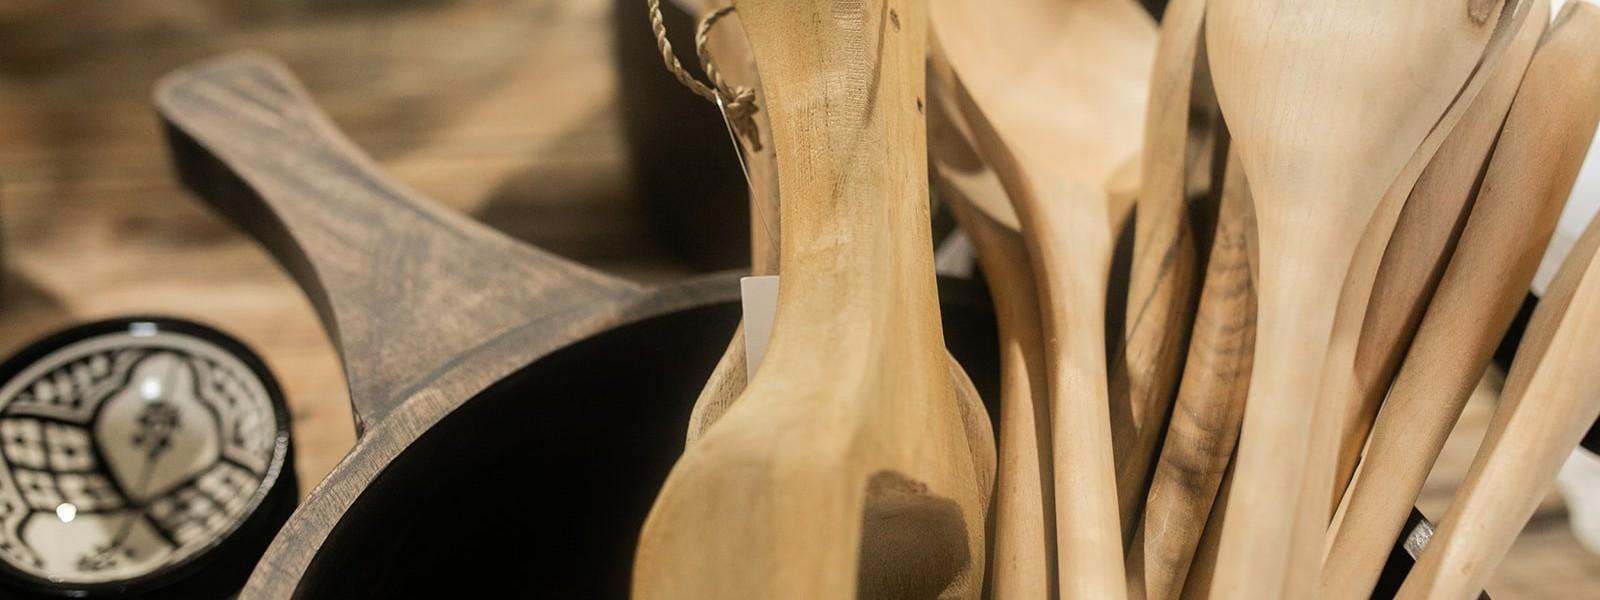 כלי עץ - פנטזיה מרוקאית